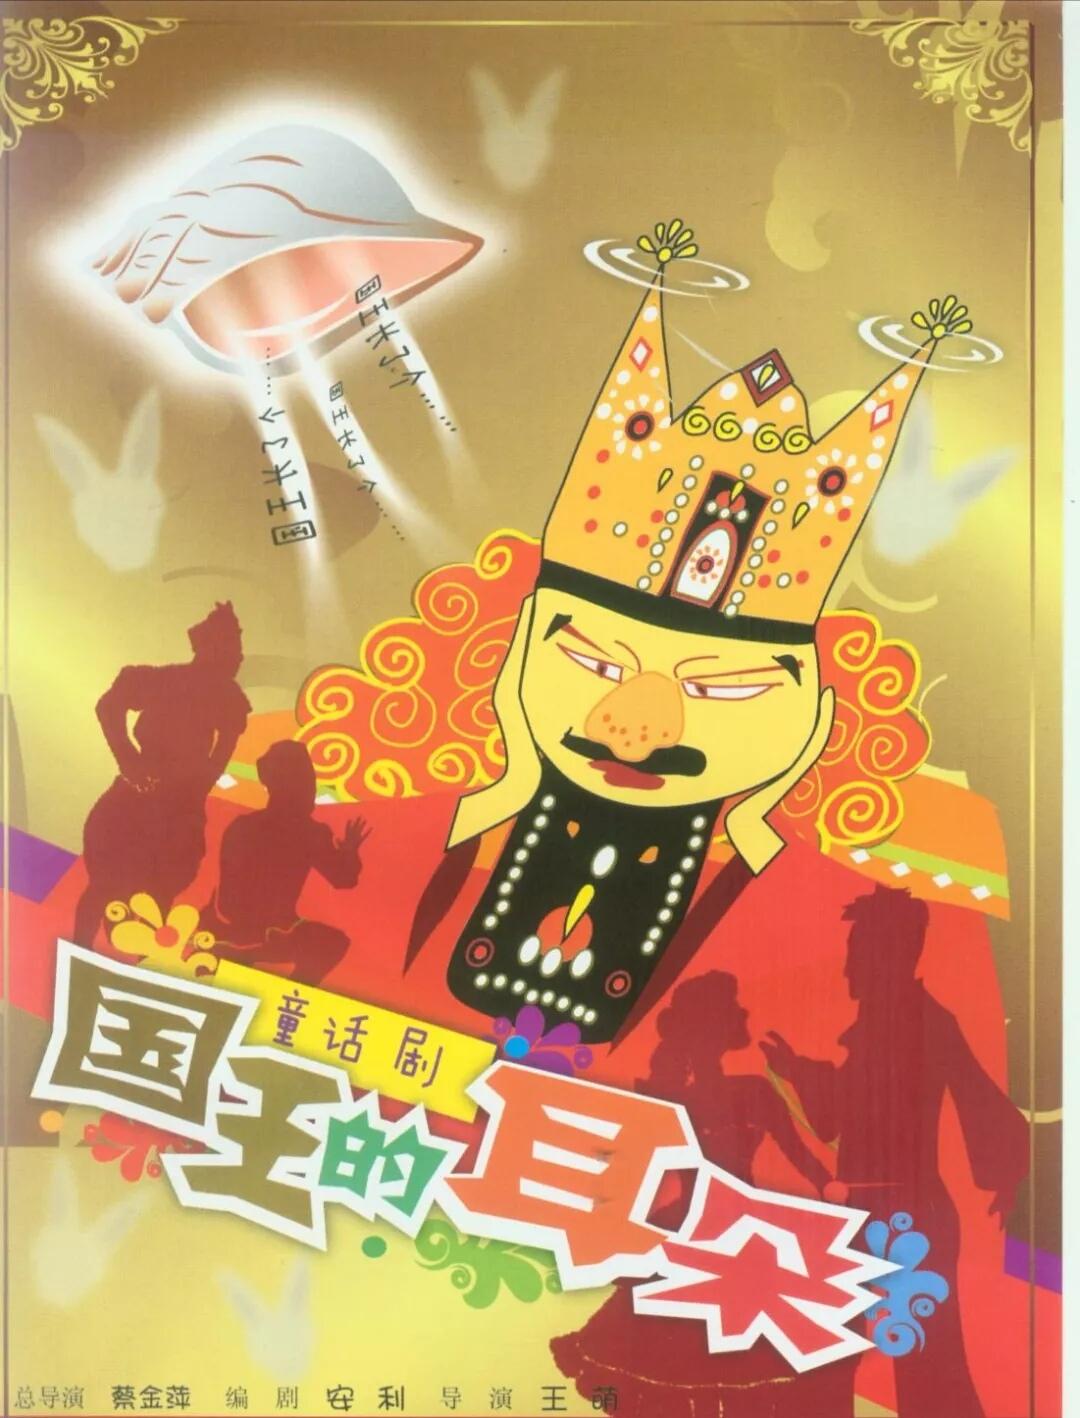 【嘉定】儿童剧《国王的耳朵》